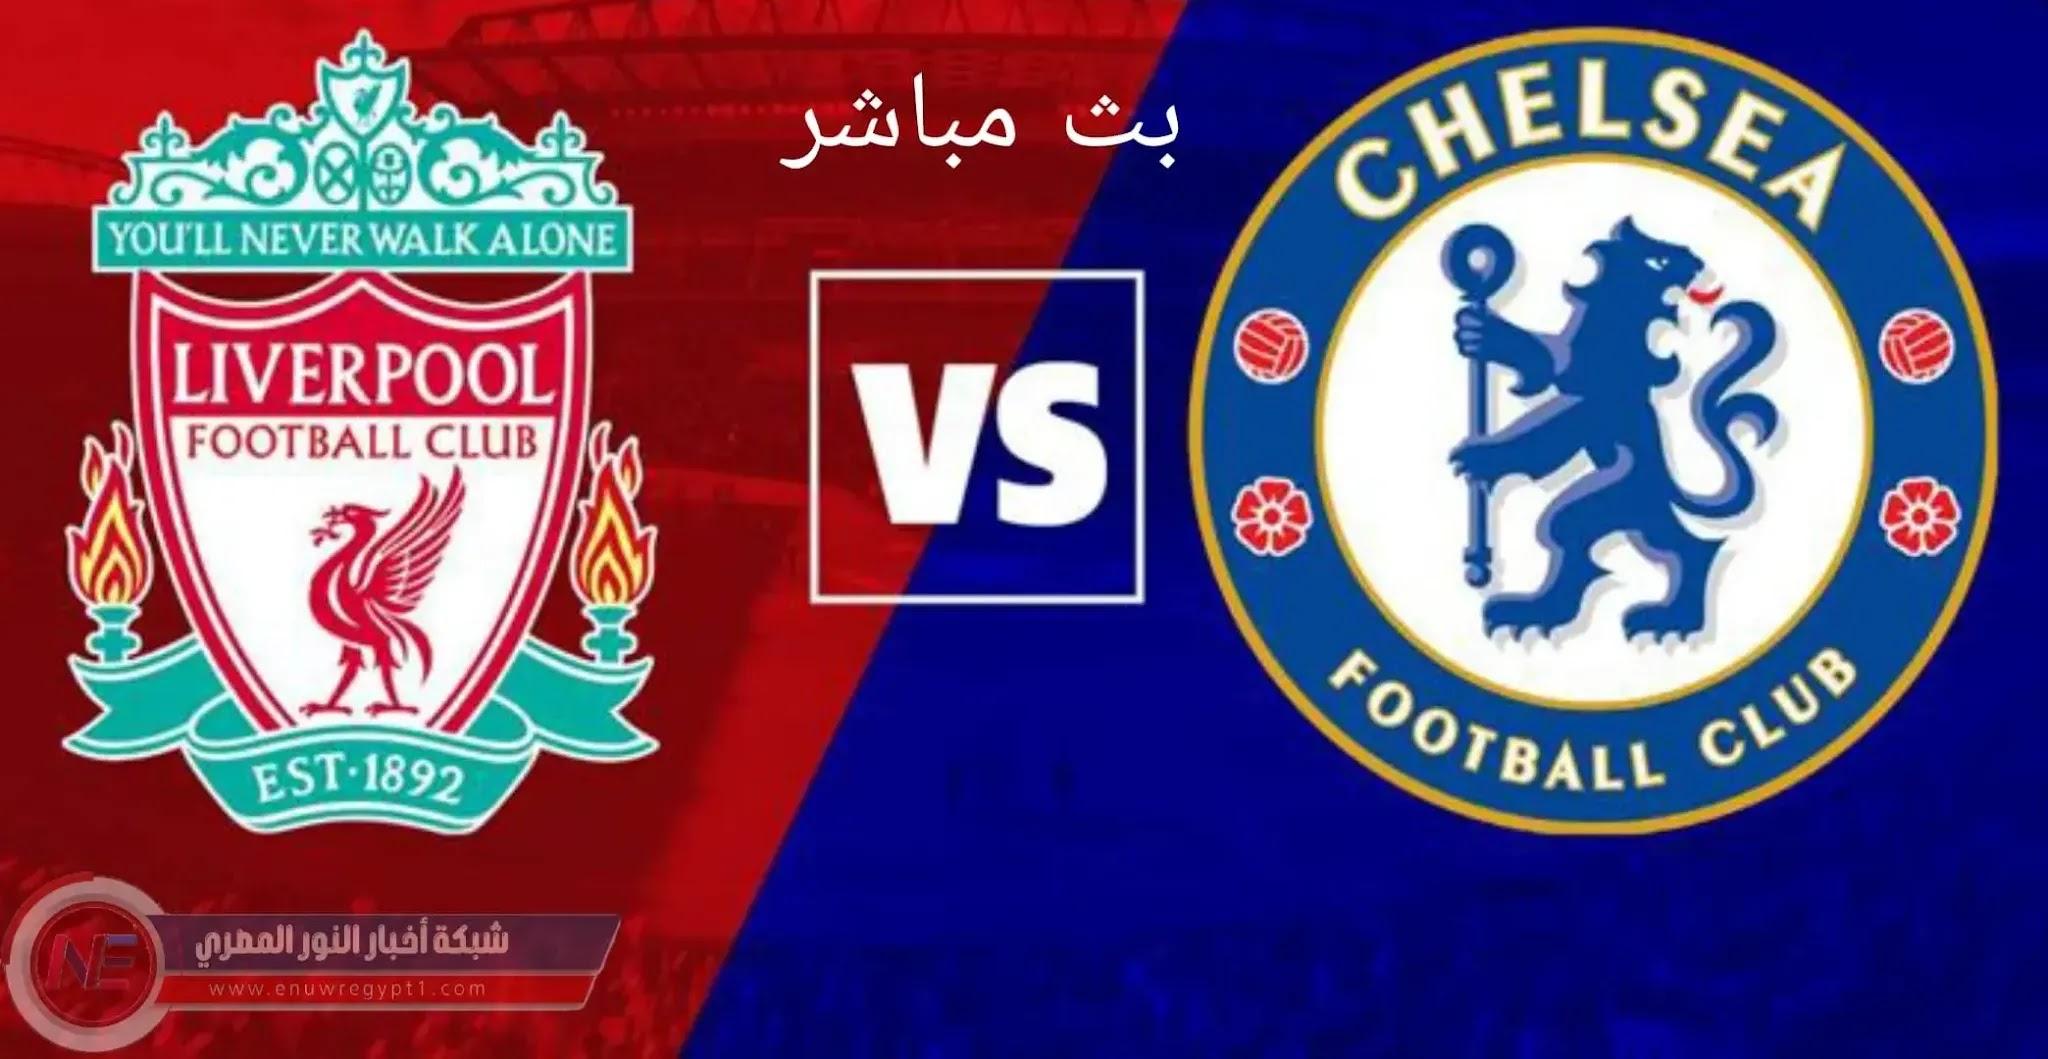 يلا شوت يوتيوب.. مشاهدة مباراة ليفربول و تشيلسي بث مباشر اليوم 28-08-2021  لايف في الدورى الانجليزي بجودة عالية